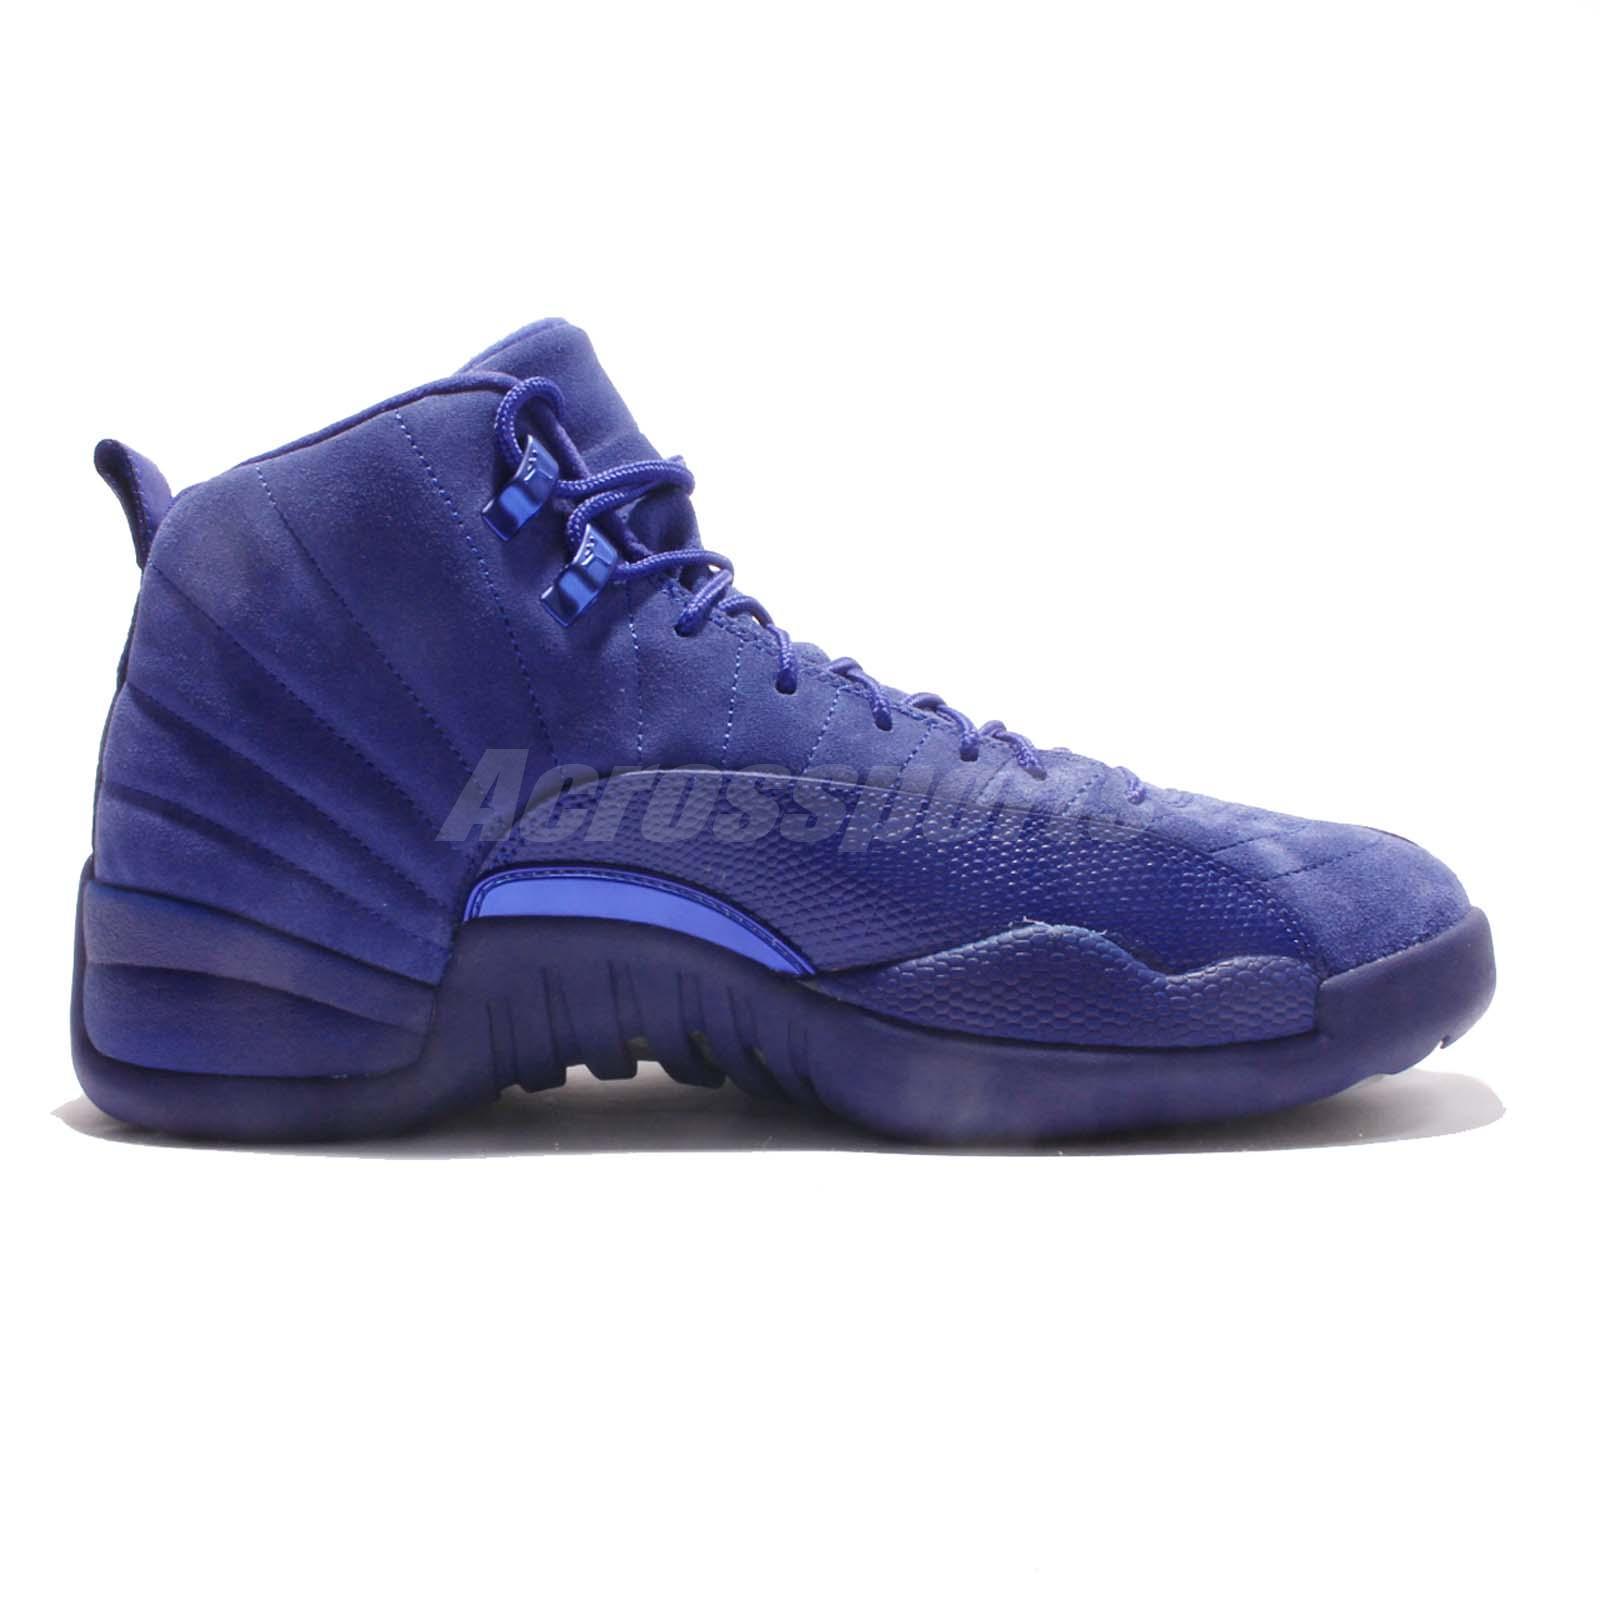 Jordan Shoe Return Policy